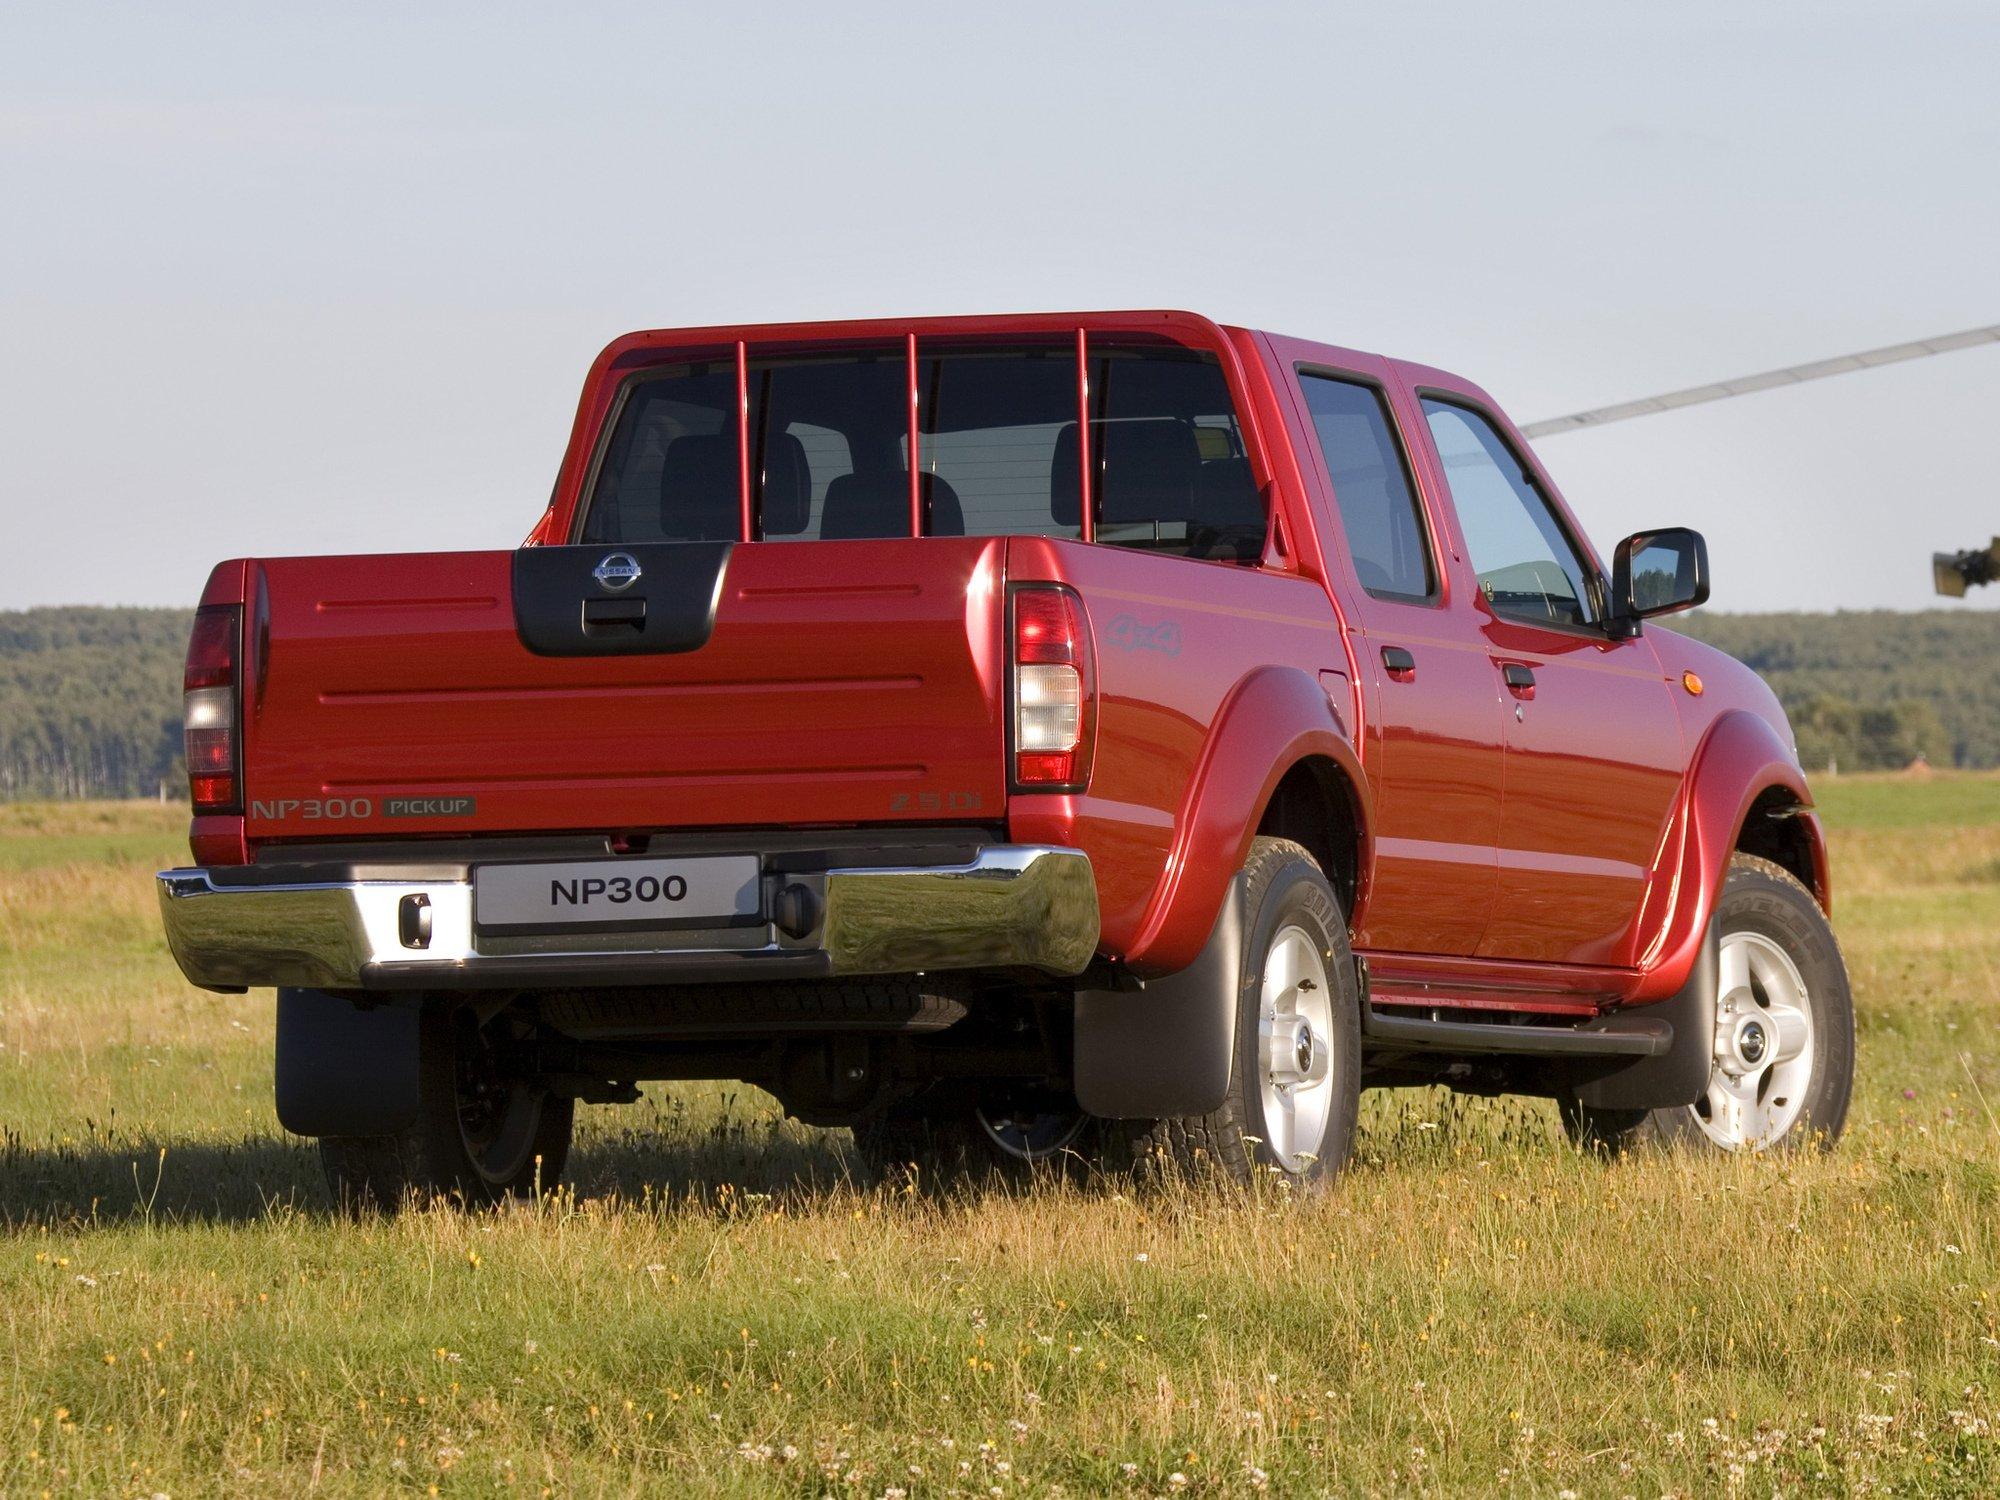 Кузов обновлённого Nissan Navara намного крепче, чем кузов первого поколения модели